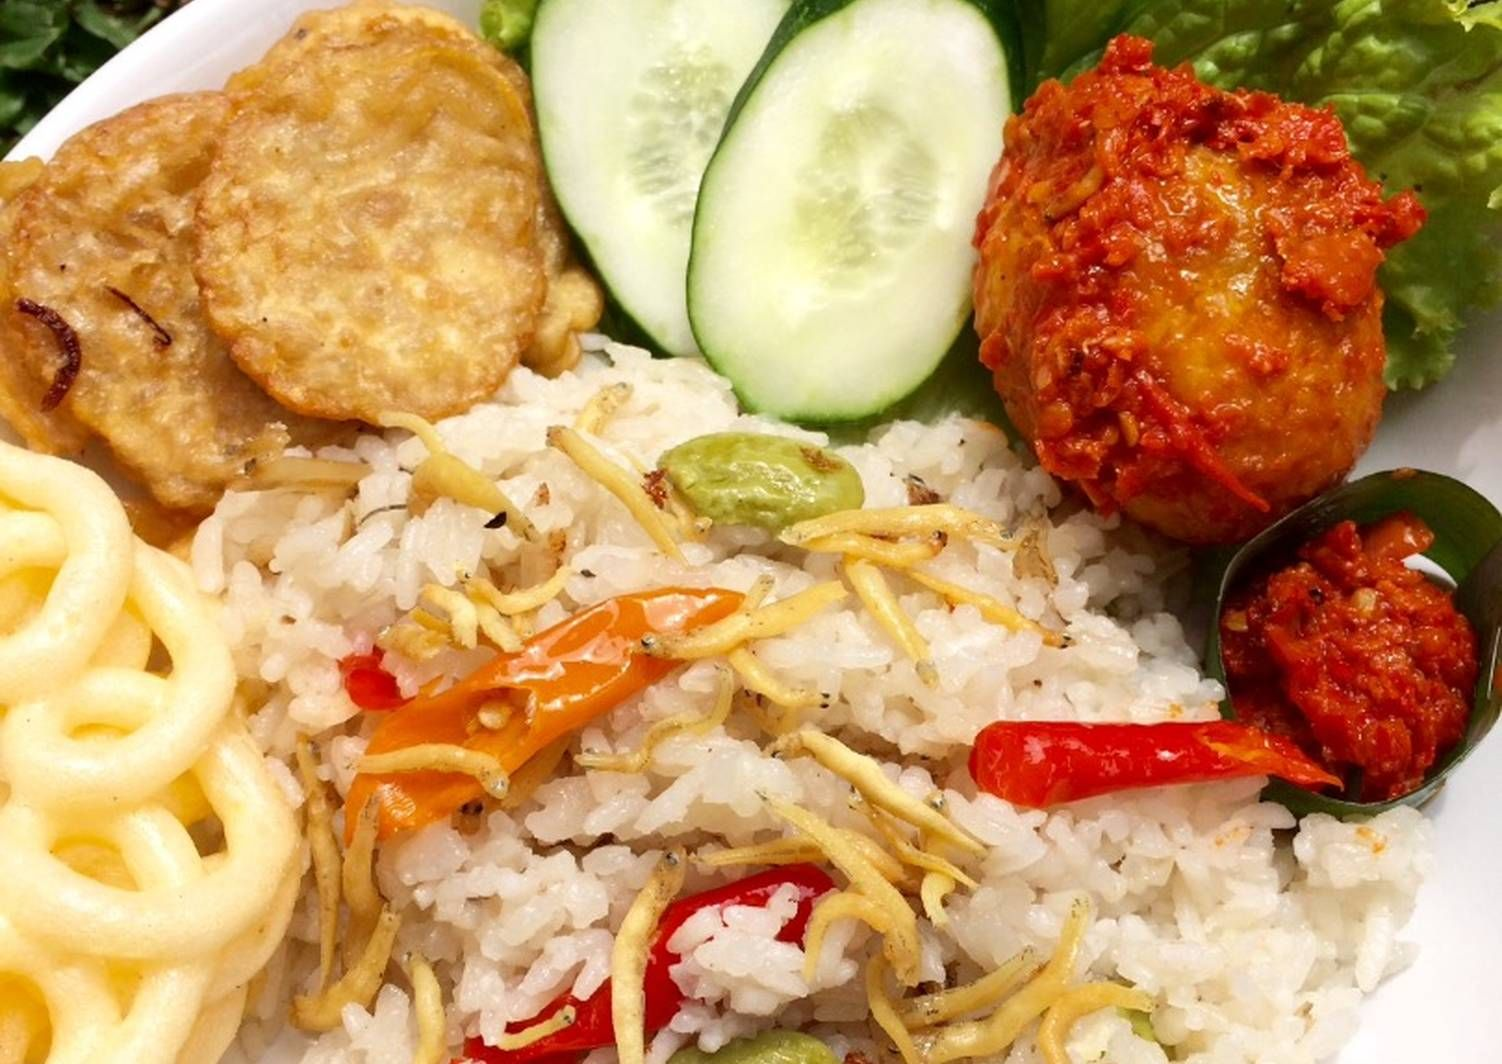 Resep Nasi Liwet Rice Cooker Oleh Melanii Resep Masakan Masakan Indonesia Makanan Rumahan